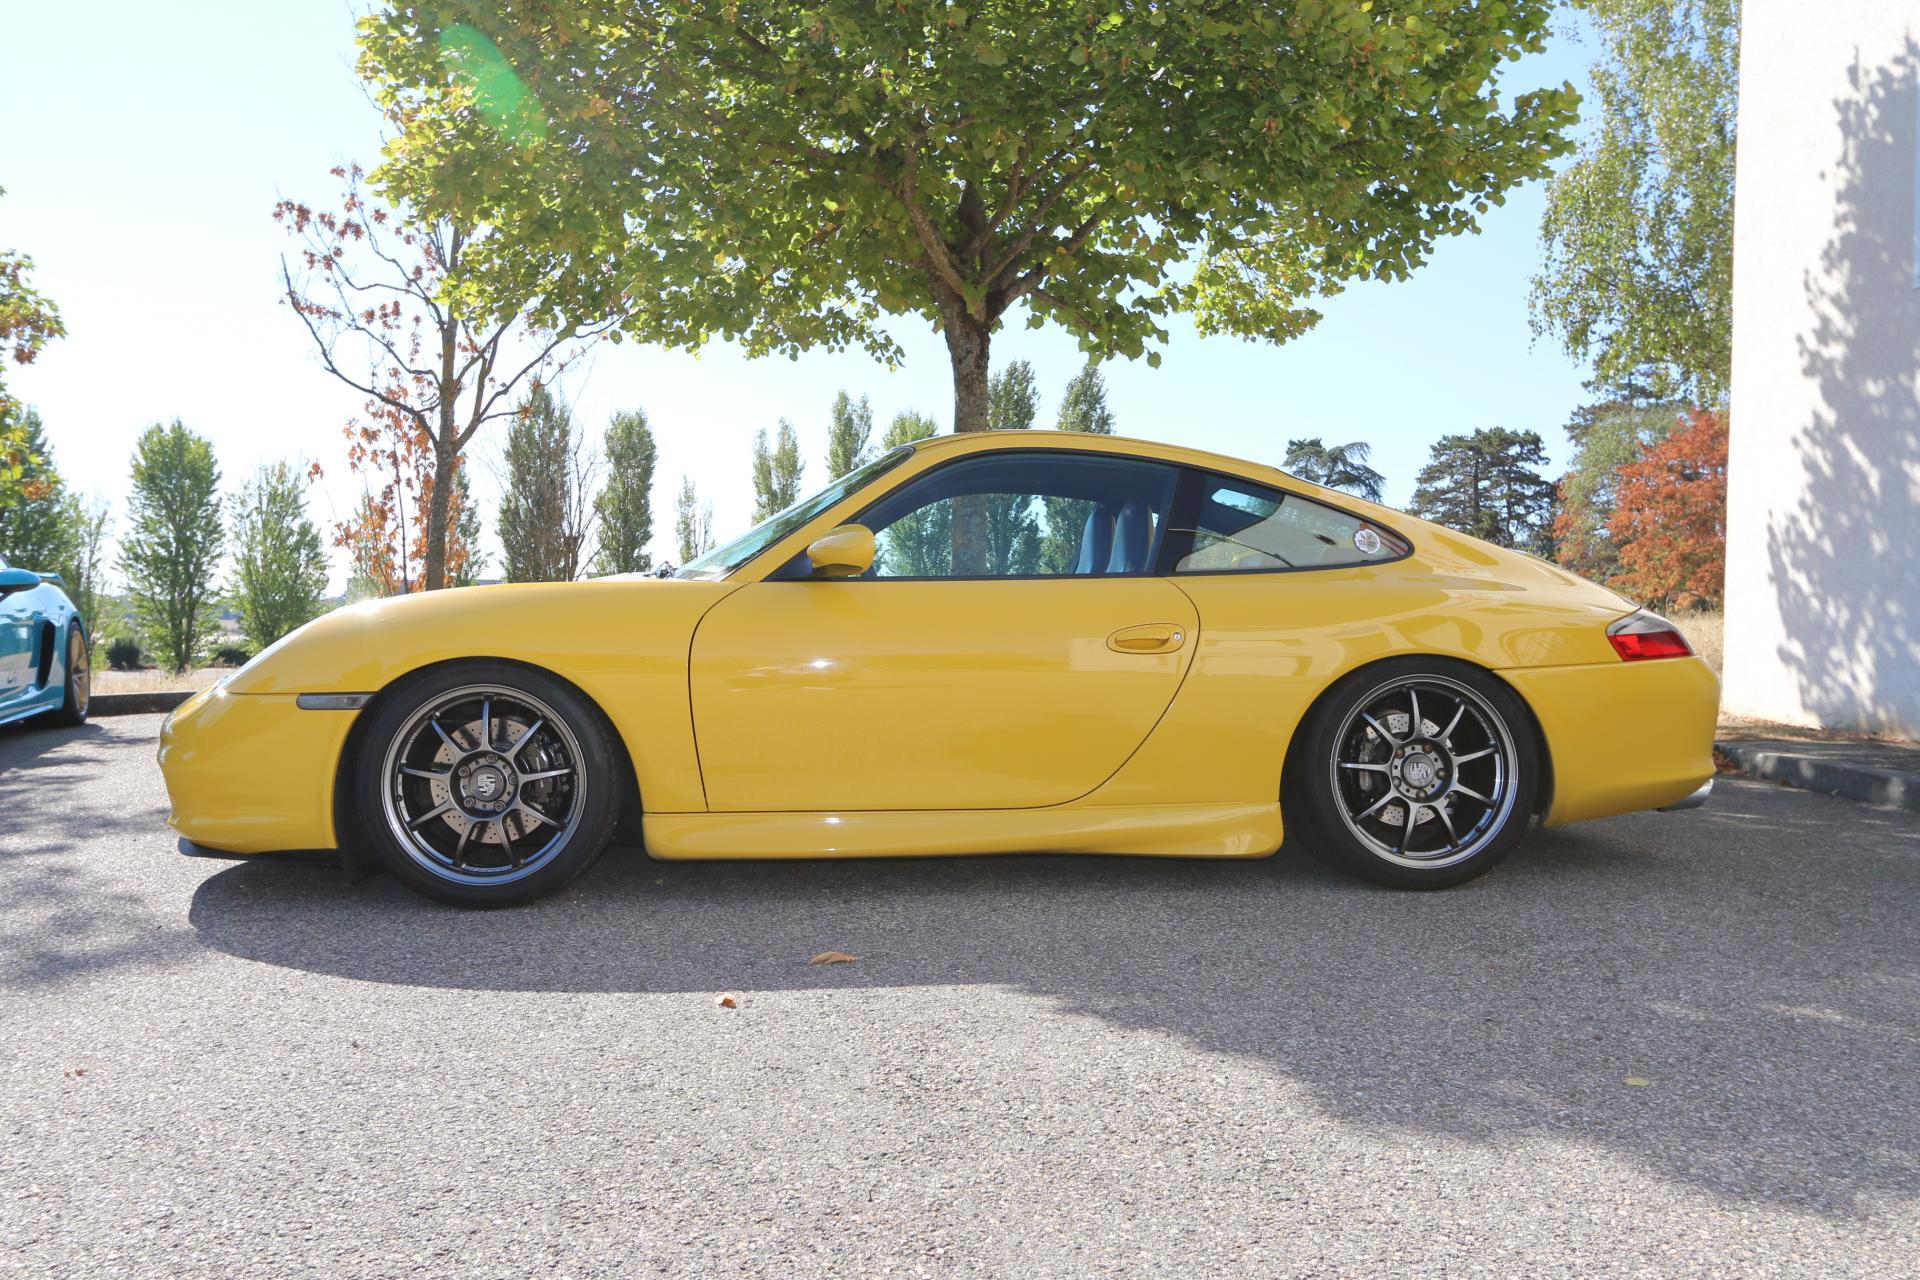 Porsche 996 3.6 Carrera 2 (Porsche 996)